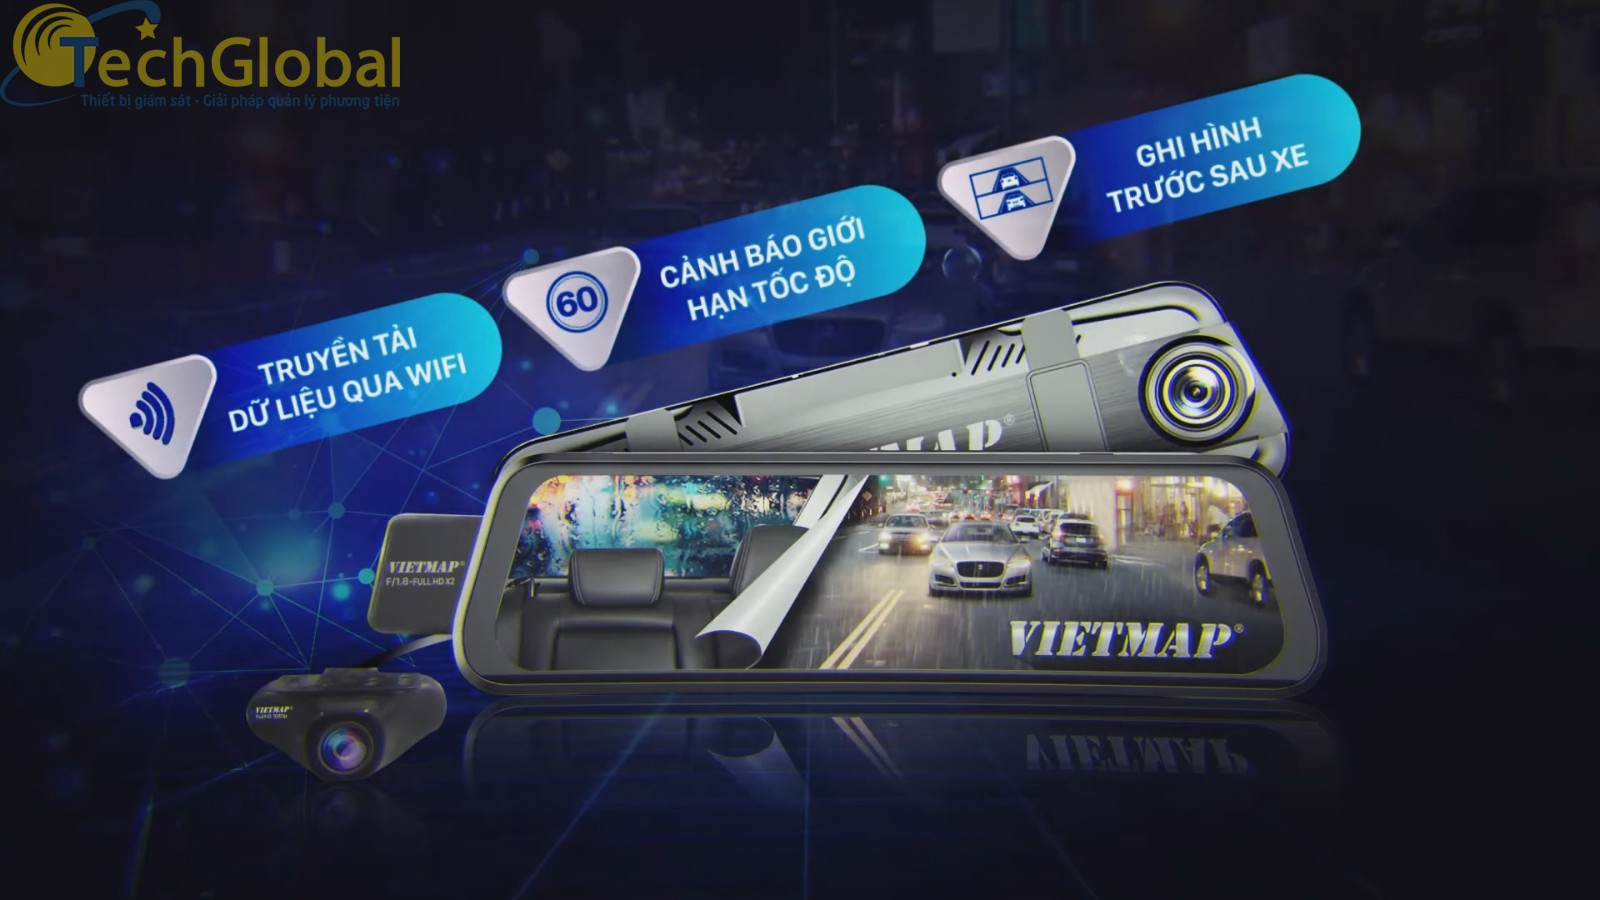 Vietmap G39 sở hữu mắt ghi hình trước và sau có độ phân giải Full HD 1920 x 1080P